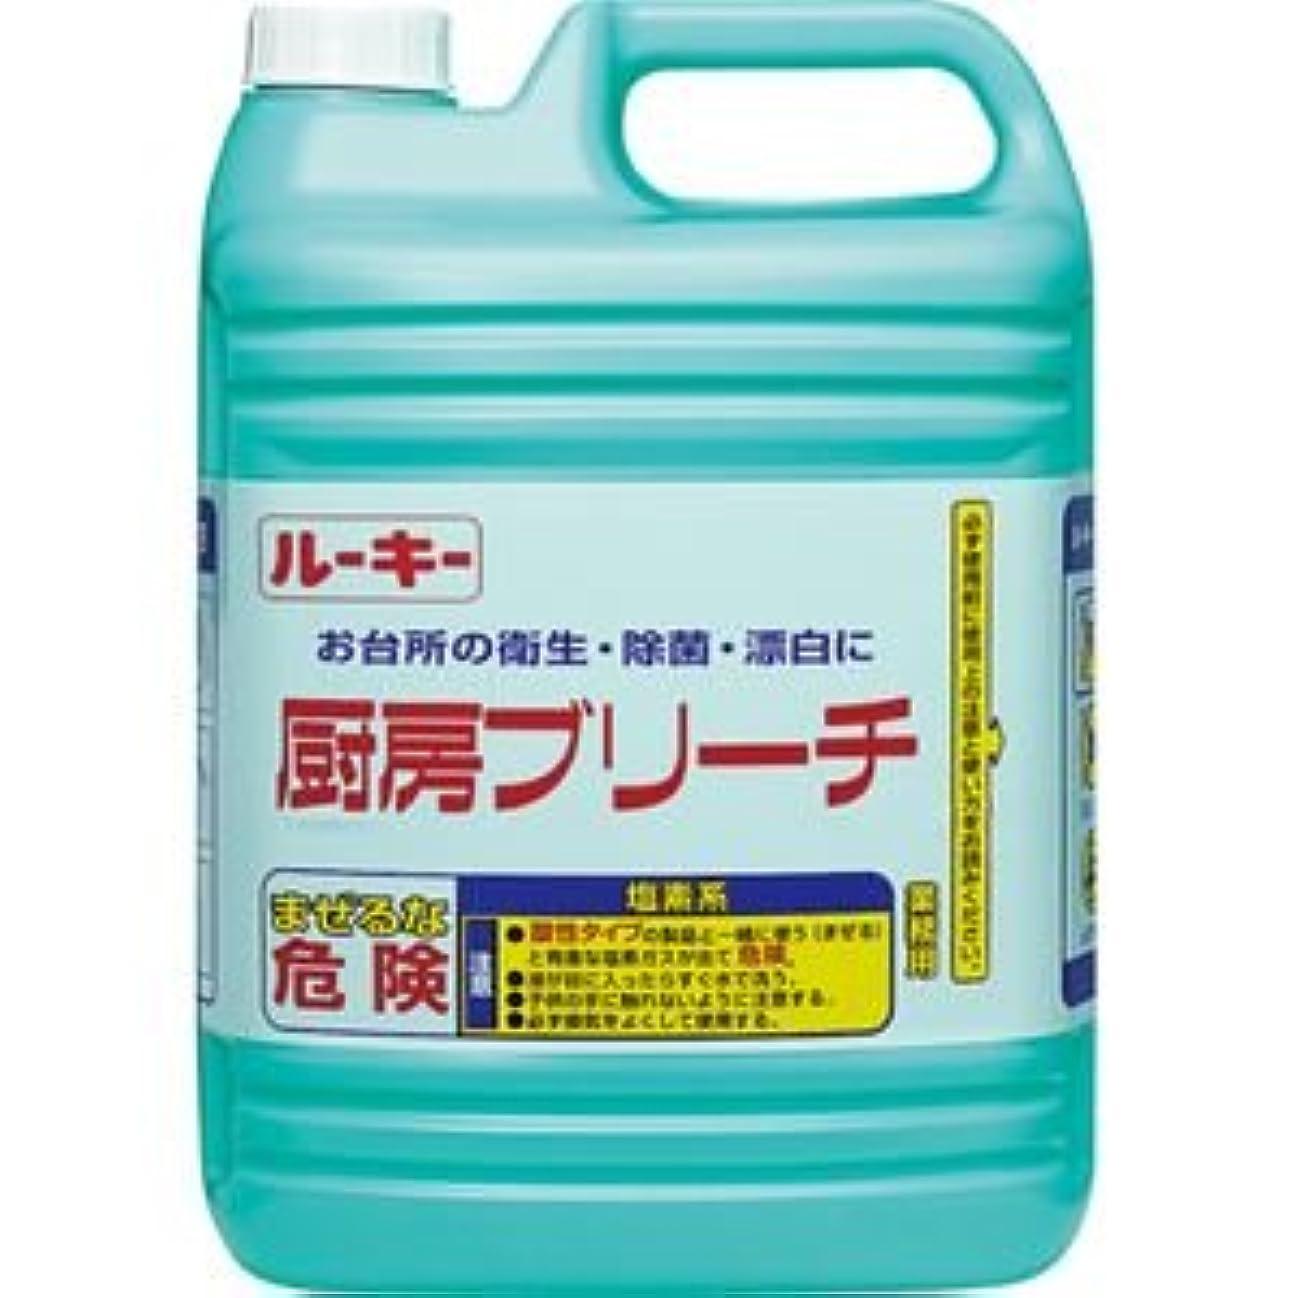 二度腐敗酸度(まとめ) 第一石鹸 ルーキー 厨房ブリーチ 業務用 5kg 1本 【×5セット】